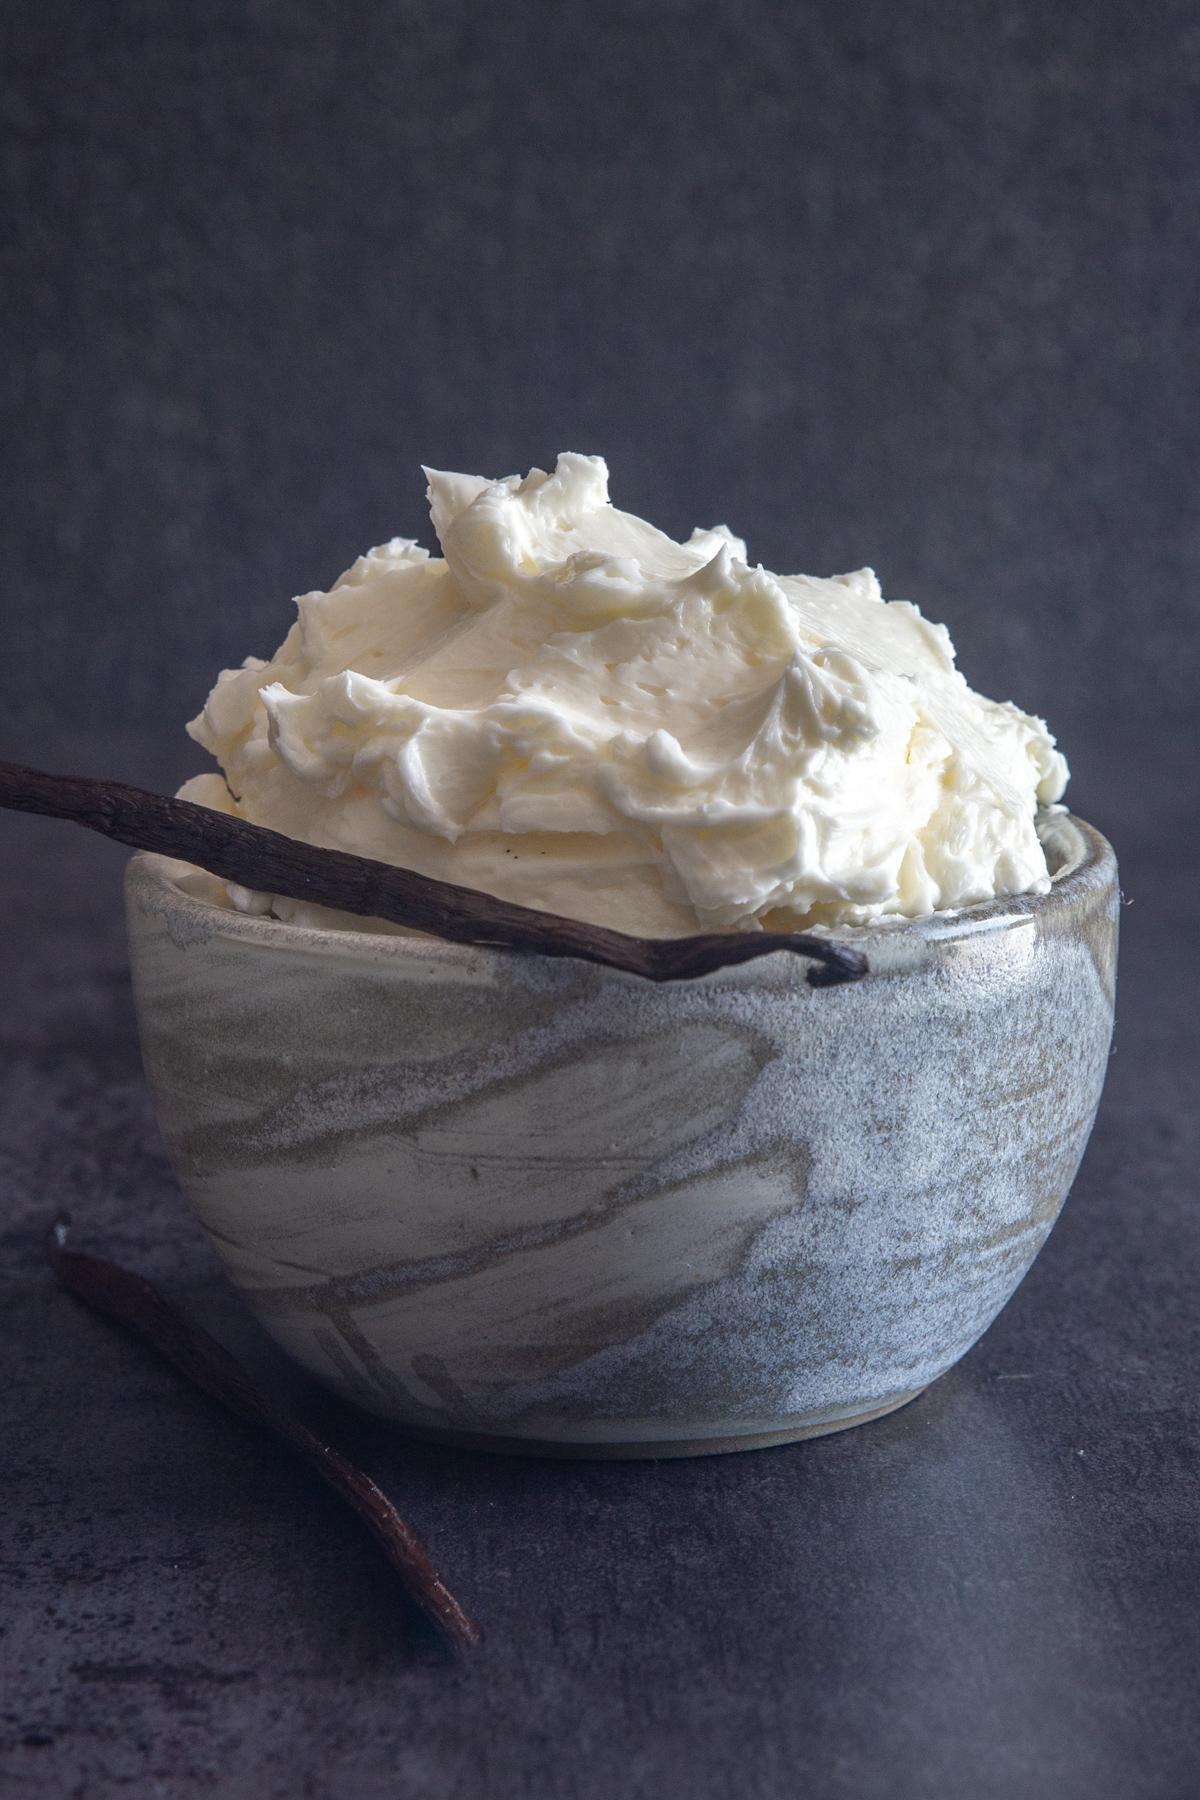 Swiss meringue buttercream in a blue bowl.